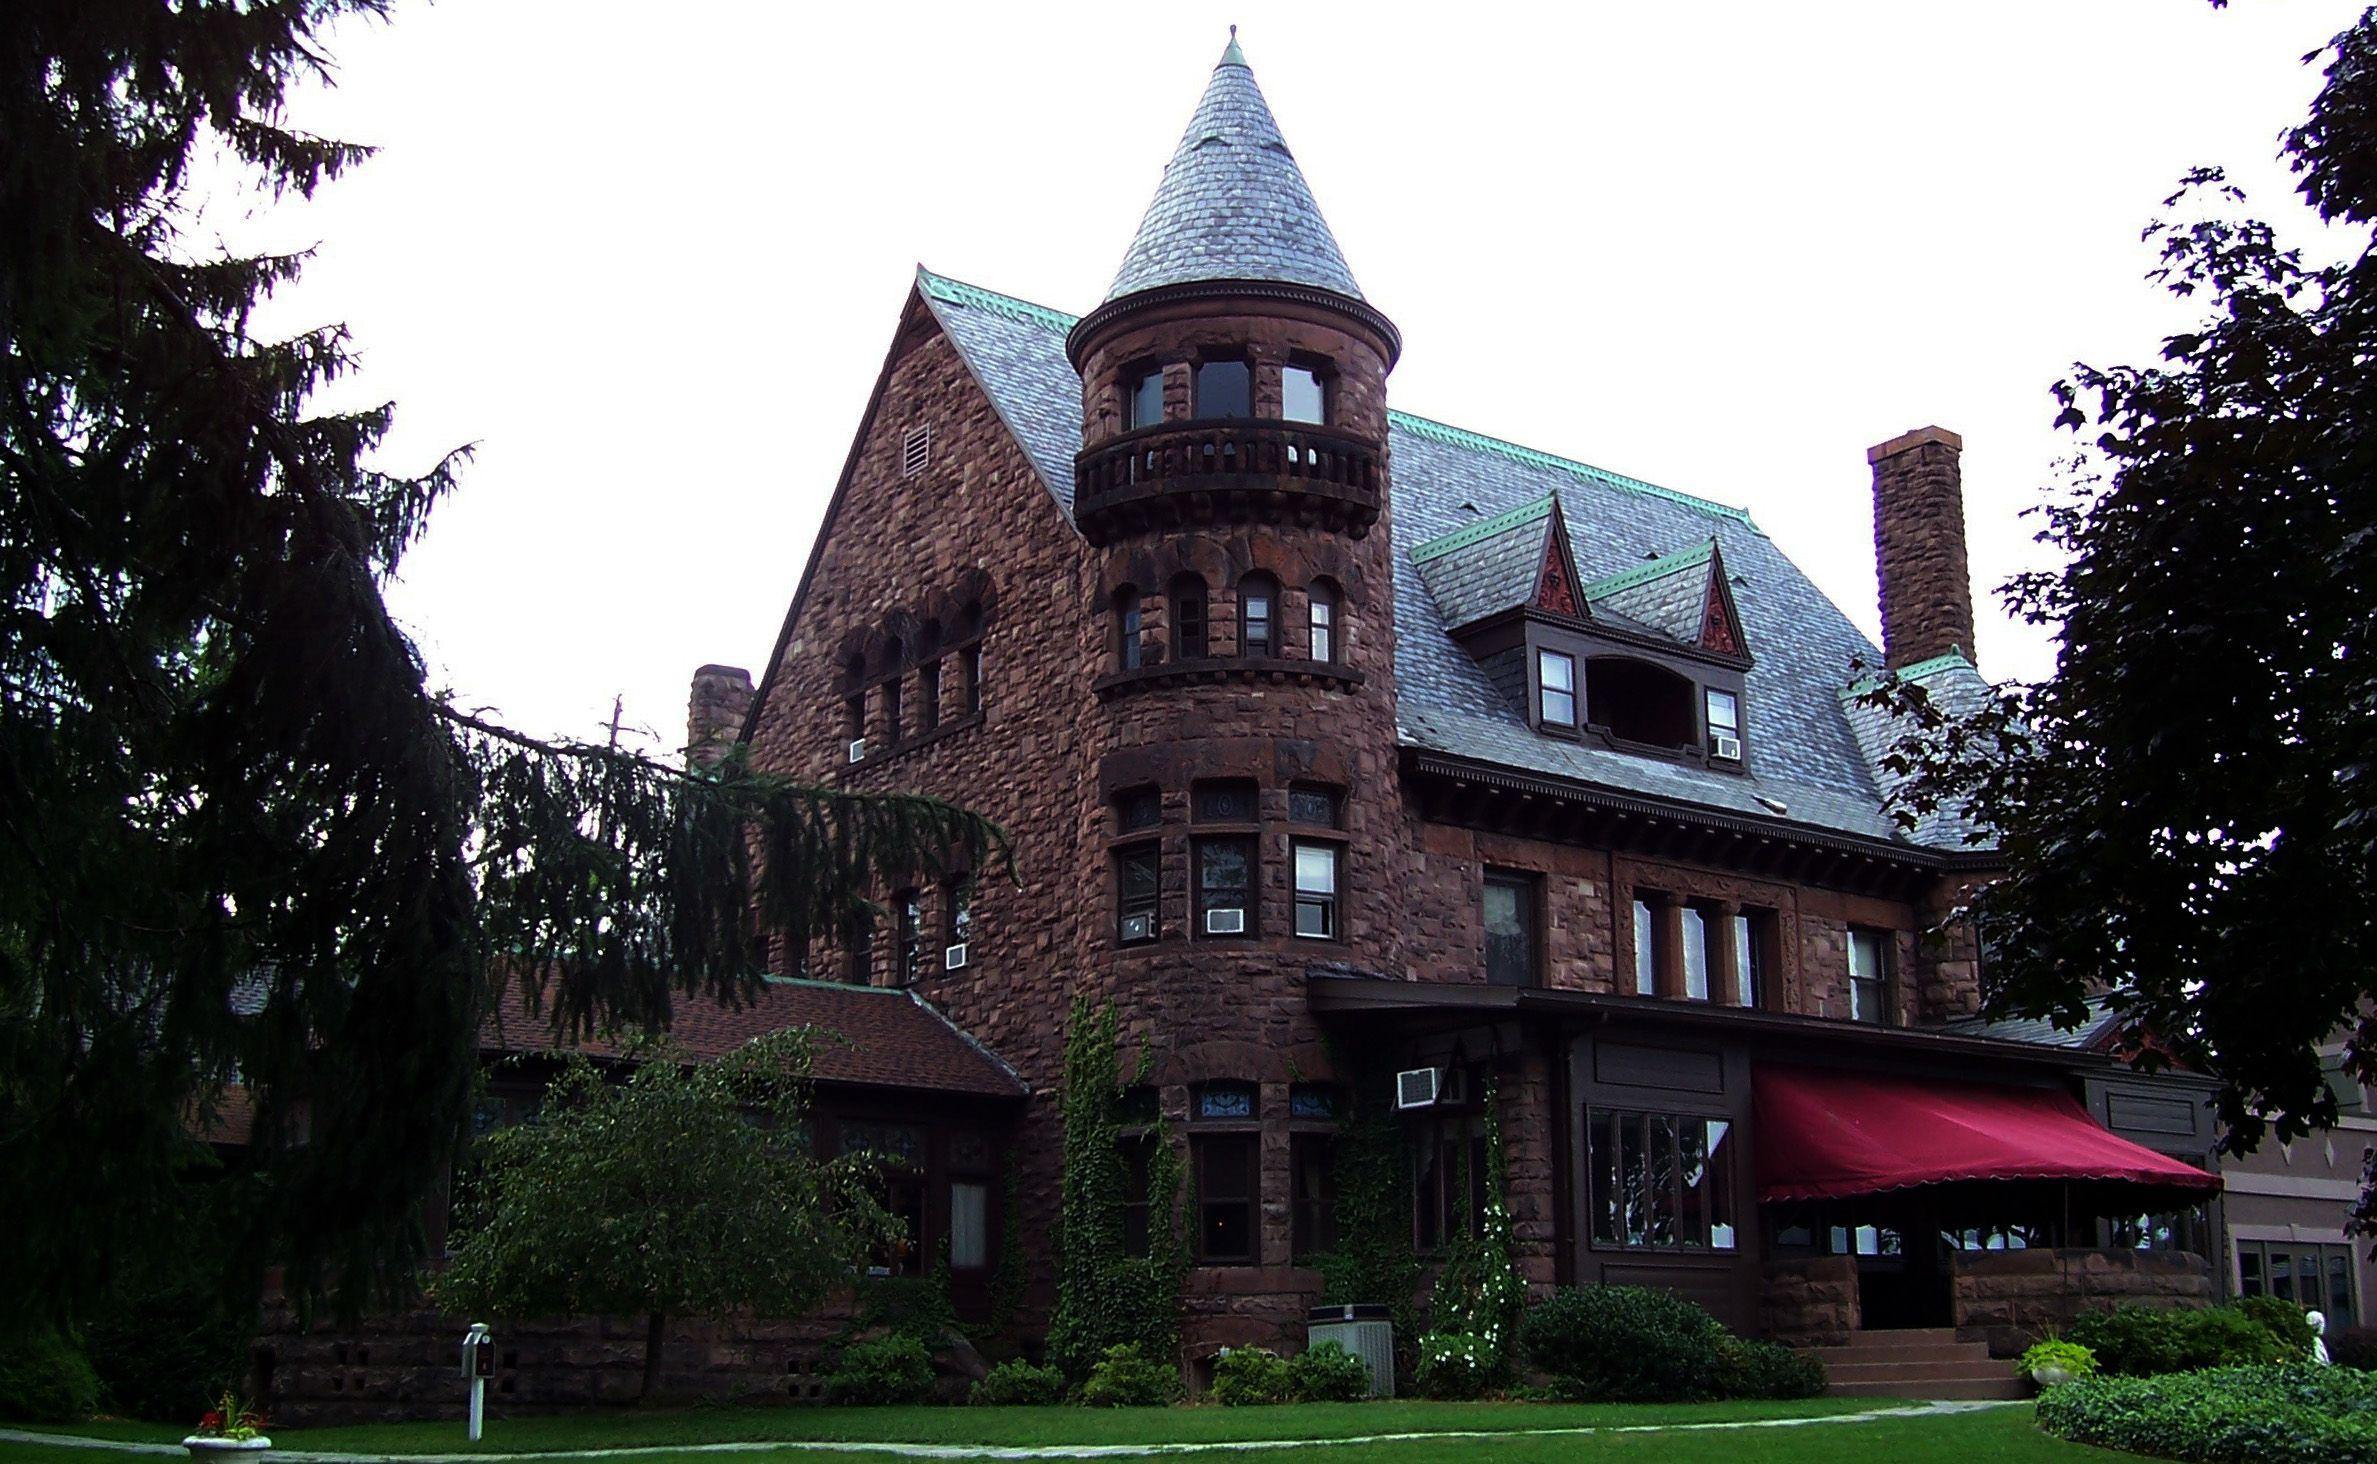 Via Travelmaven Belhurst Castle In Geneva Ny Inn Spa 2 Restaurants Seneca Lakewest